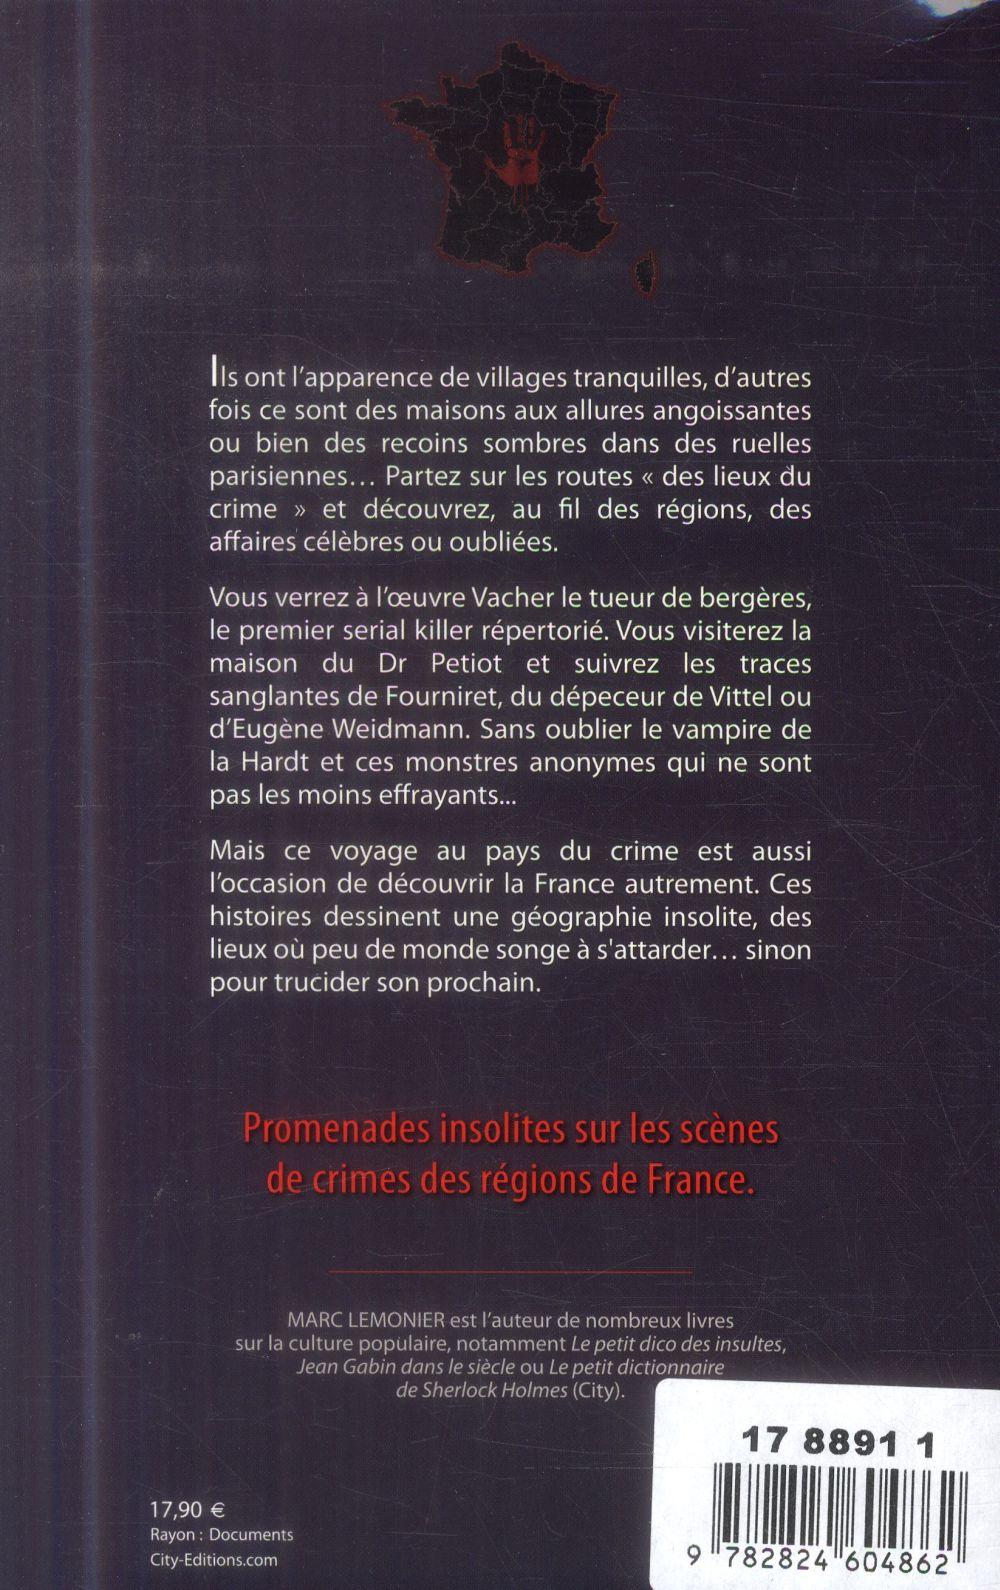 Le tour de France insolite du crime